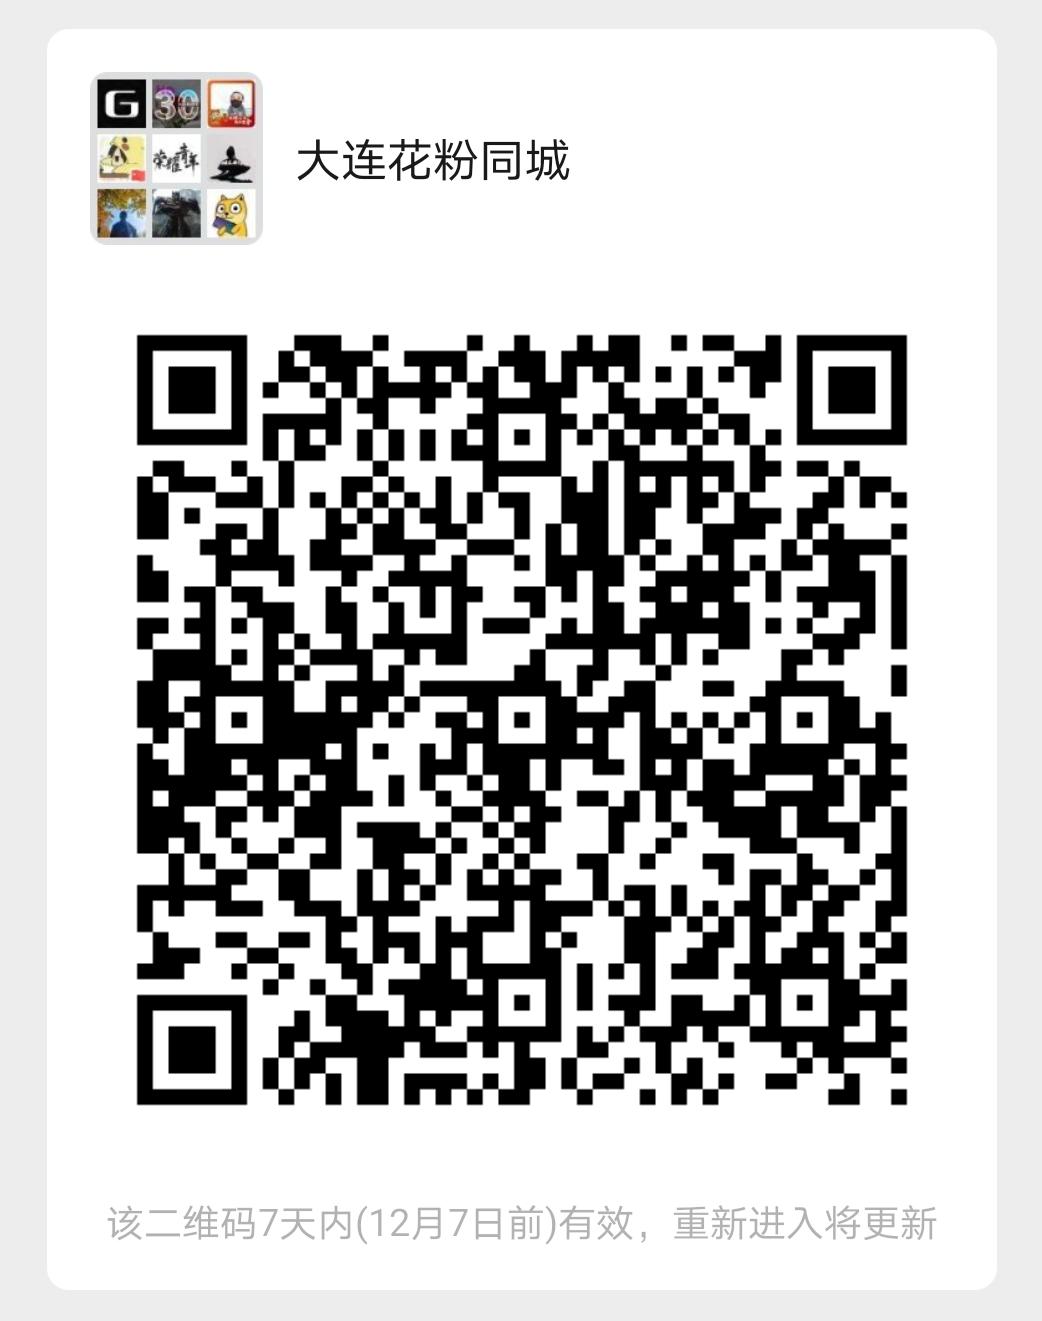 Screenshot_20201130_073656_com.tencent.mm.png